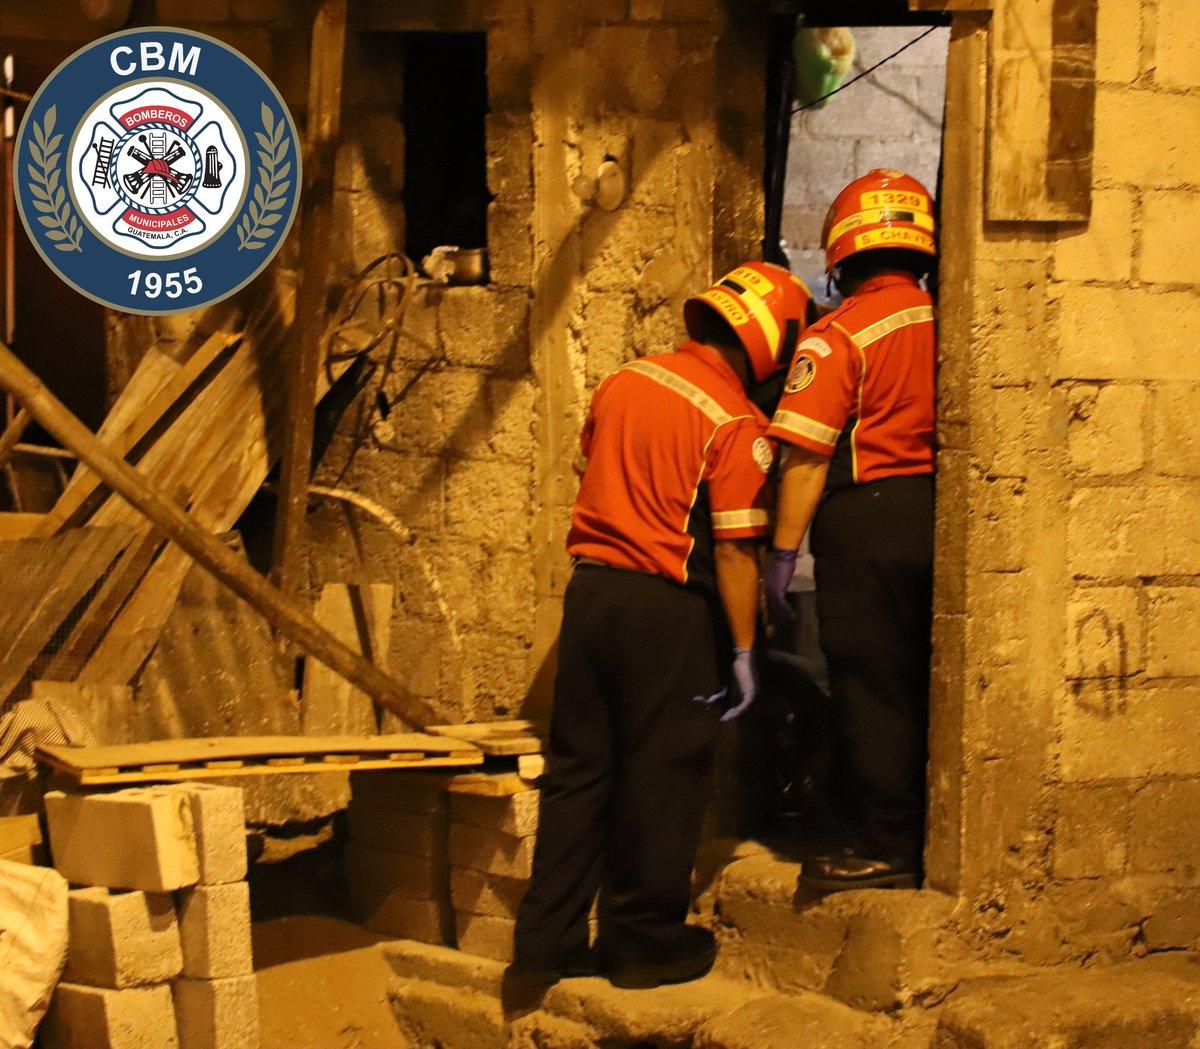 Matan a mujer en la colonia El Esfuerzo, zona 5. (Foto Prensa Libre: CBM).